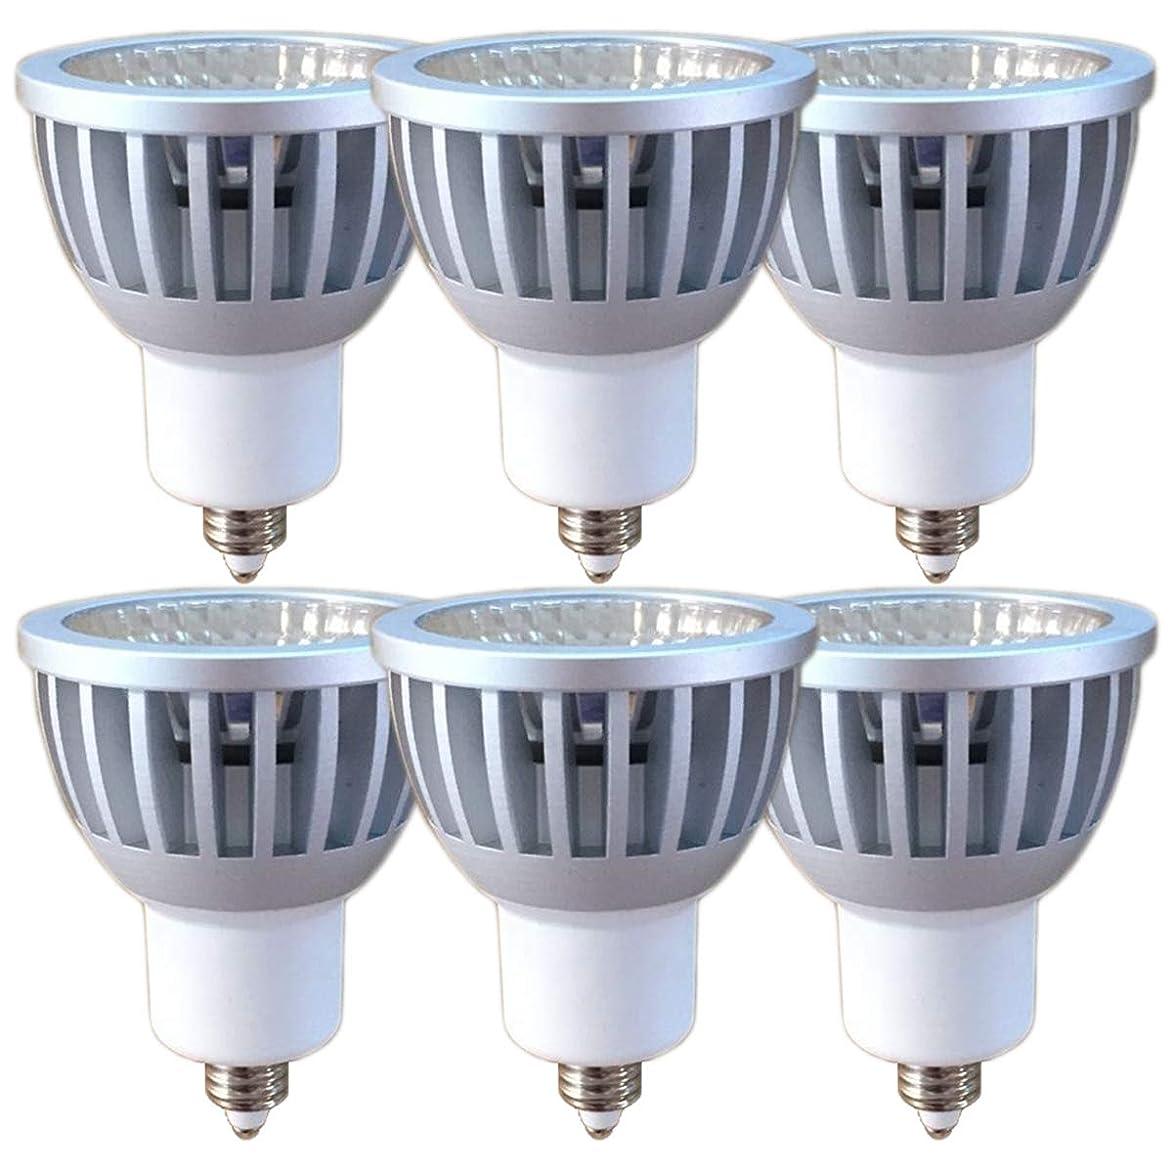 誤解銅線Fwaytech LEDスポットライト E11 狭角15度 COB7W JDRφ50 調光対応 LEDハロゲン電球形 60W~75W相当 密閉器具対応 ダイクロハロゲン 6個セット (昼白色相当(狭角15度), E11口金(調光対応))